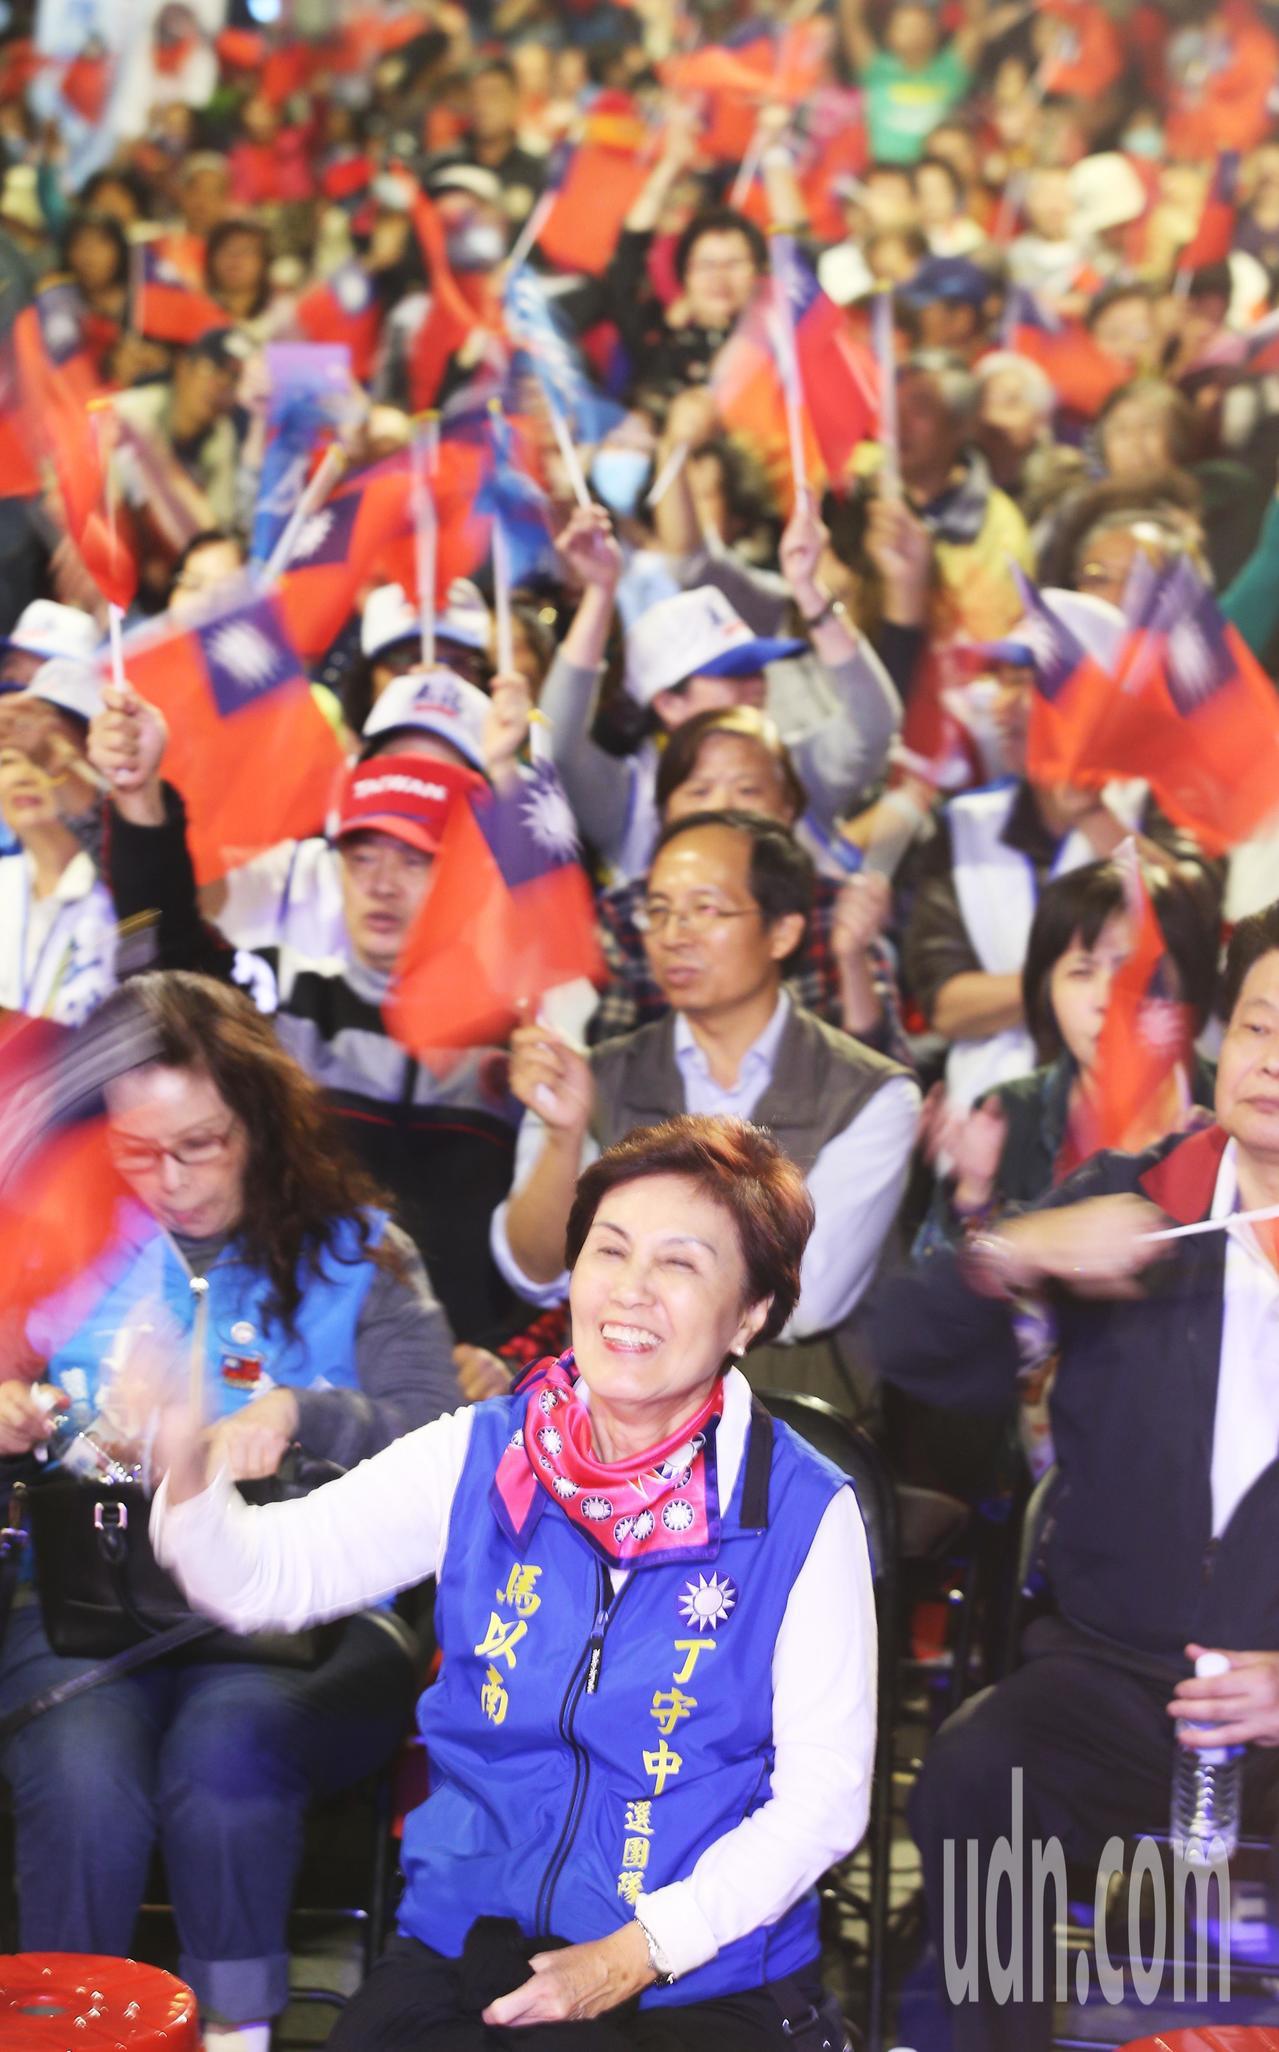 前總統馬英九姊姊馬以南(前)坐在台前,與支持民眾合唱「夜襲」。記者陳正興/攝影